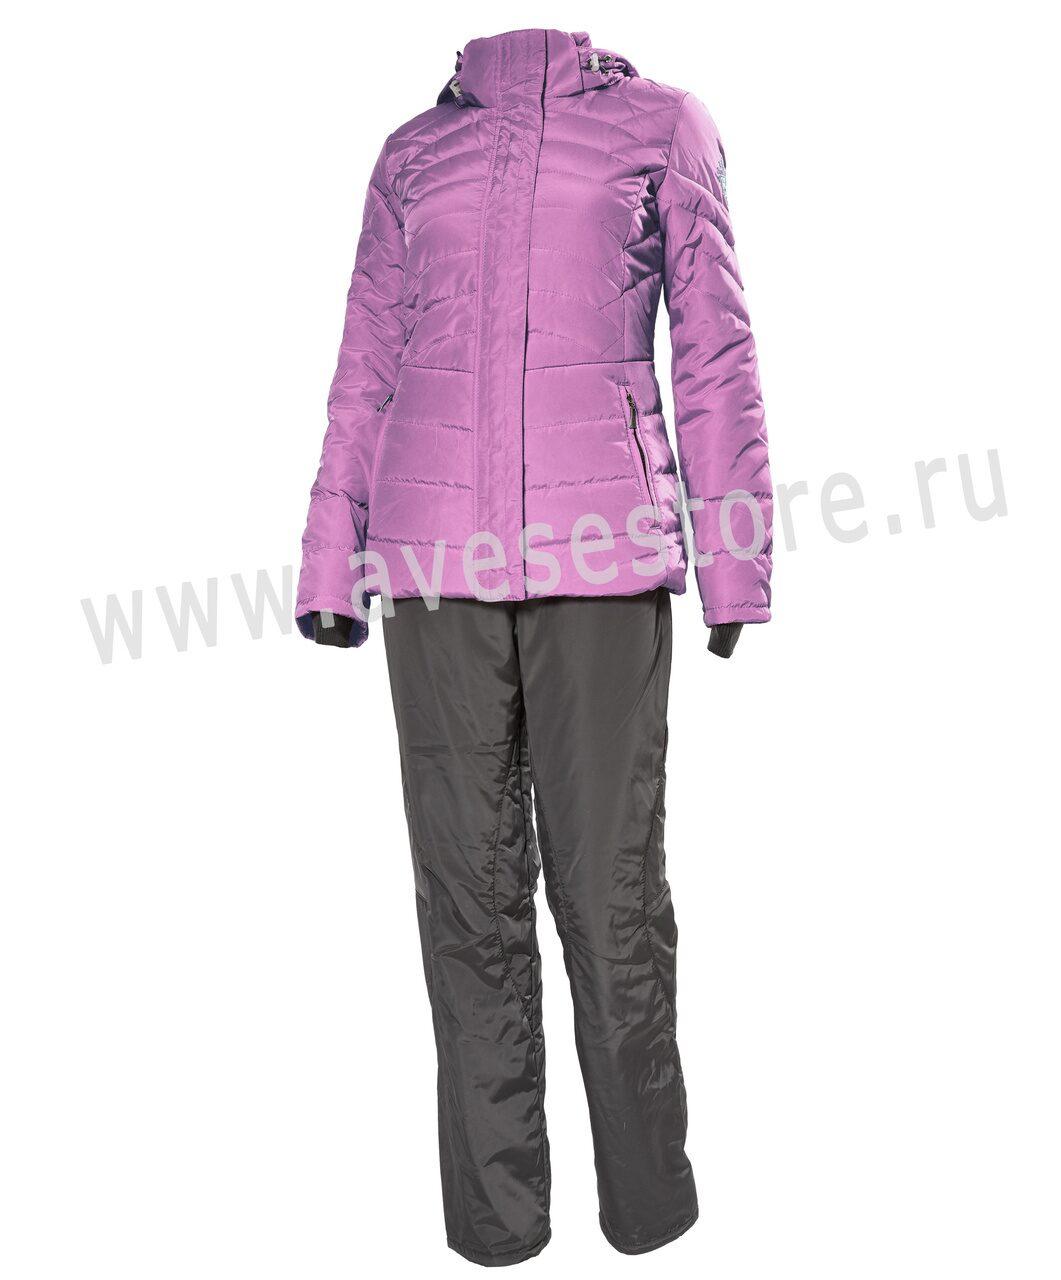 Зимние костюмы женские для прогулок